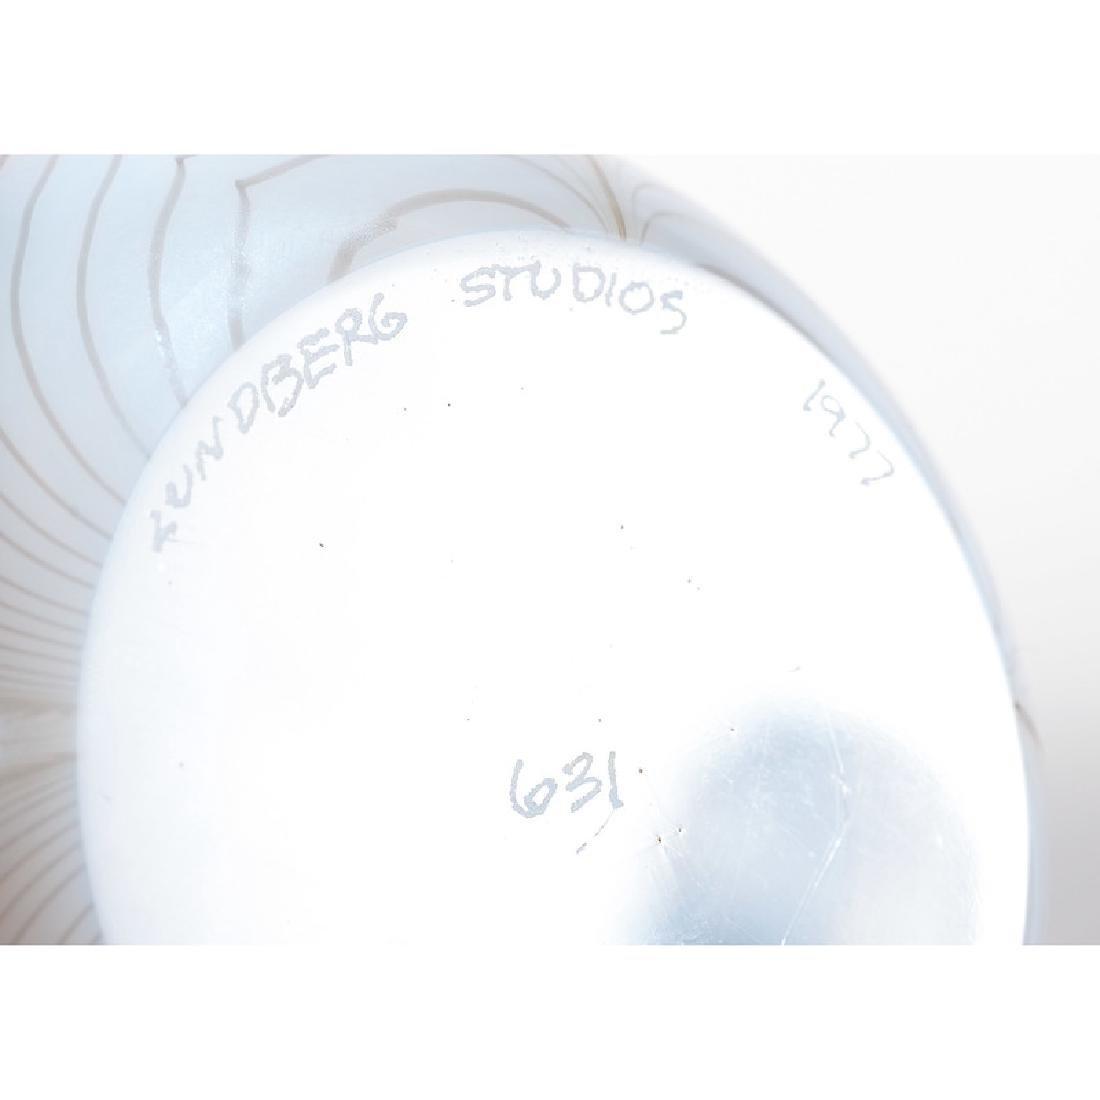 Iridescent Art Glass Paperweights - 5